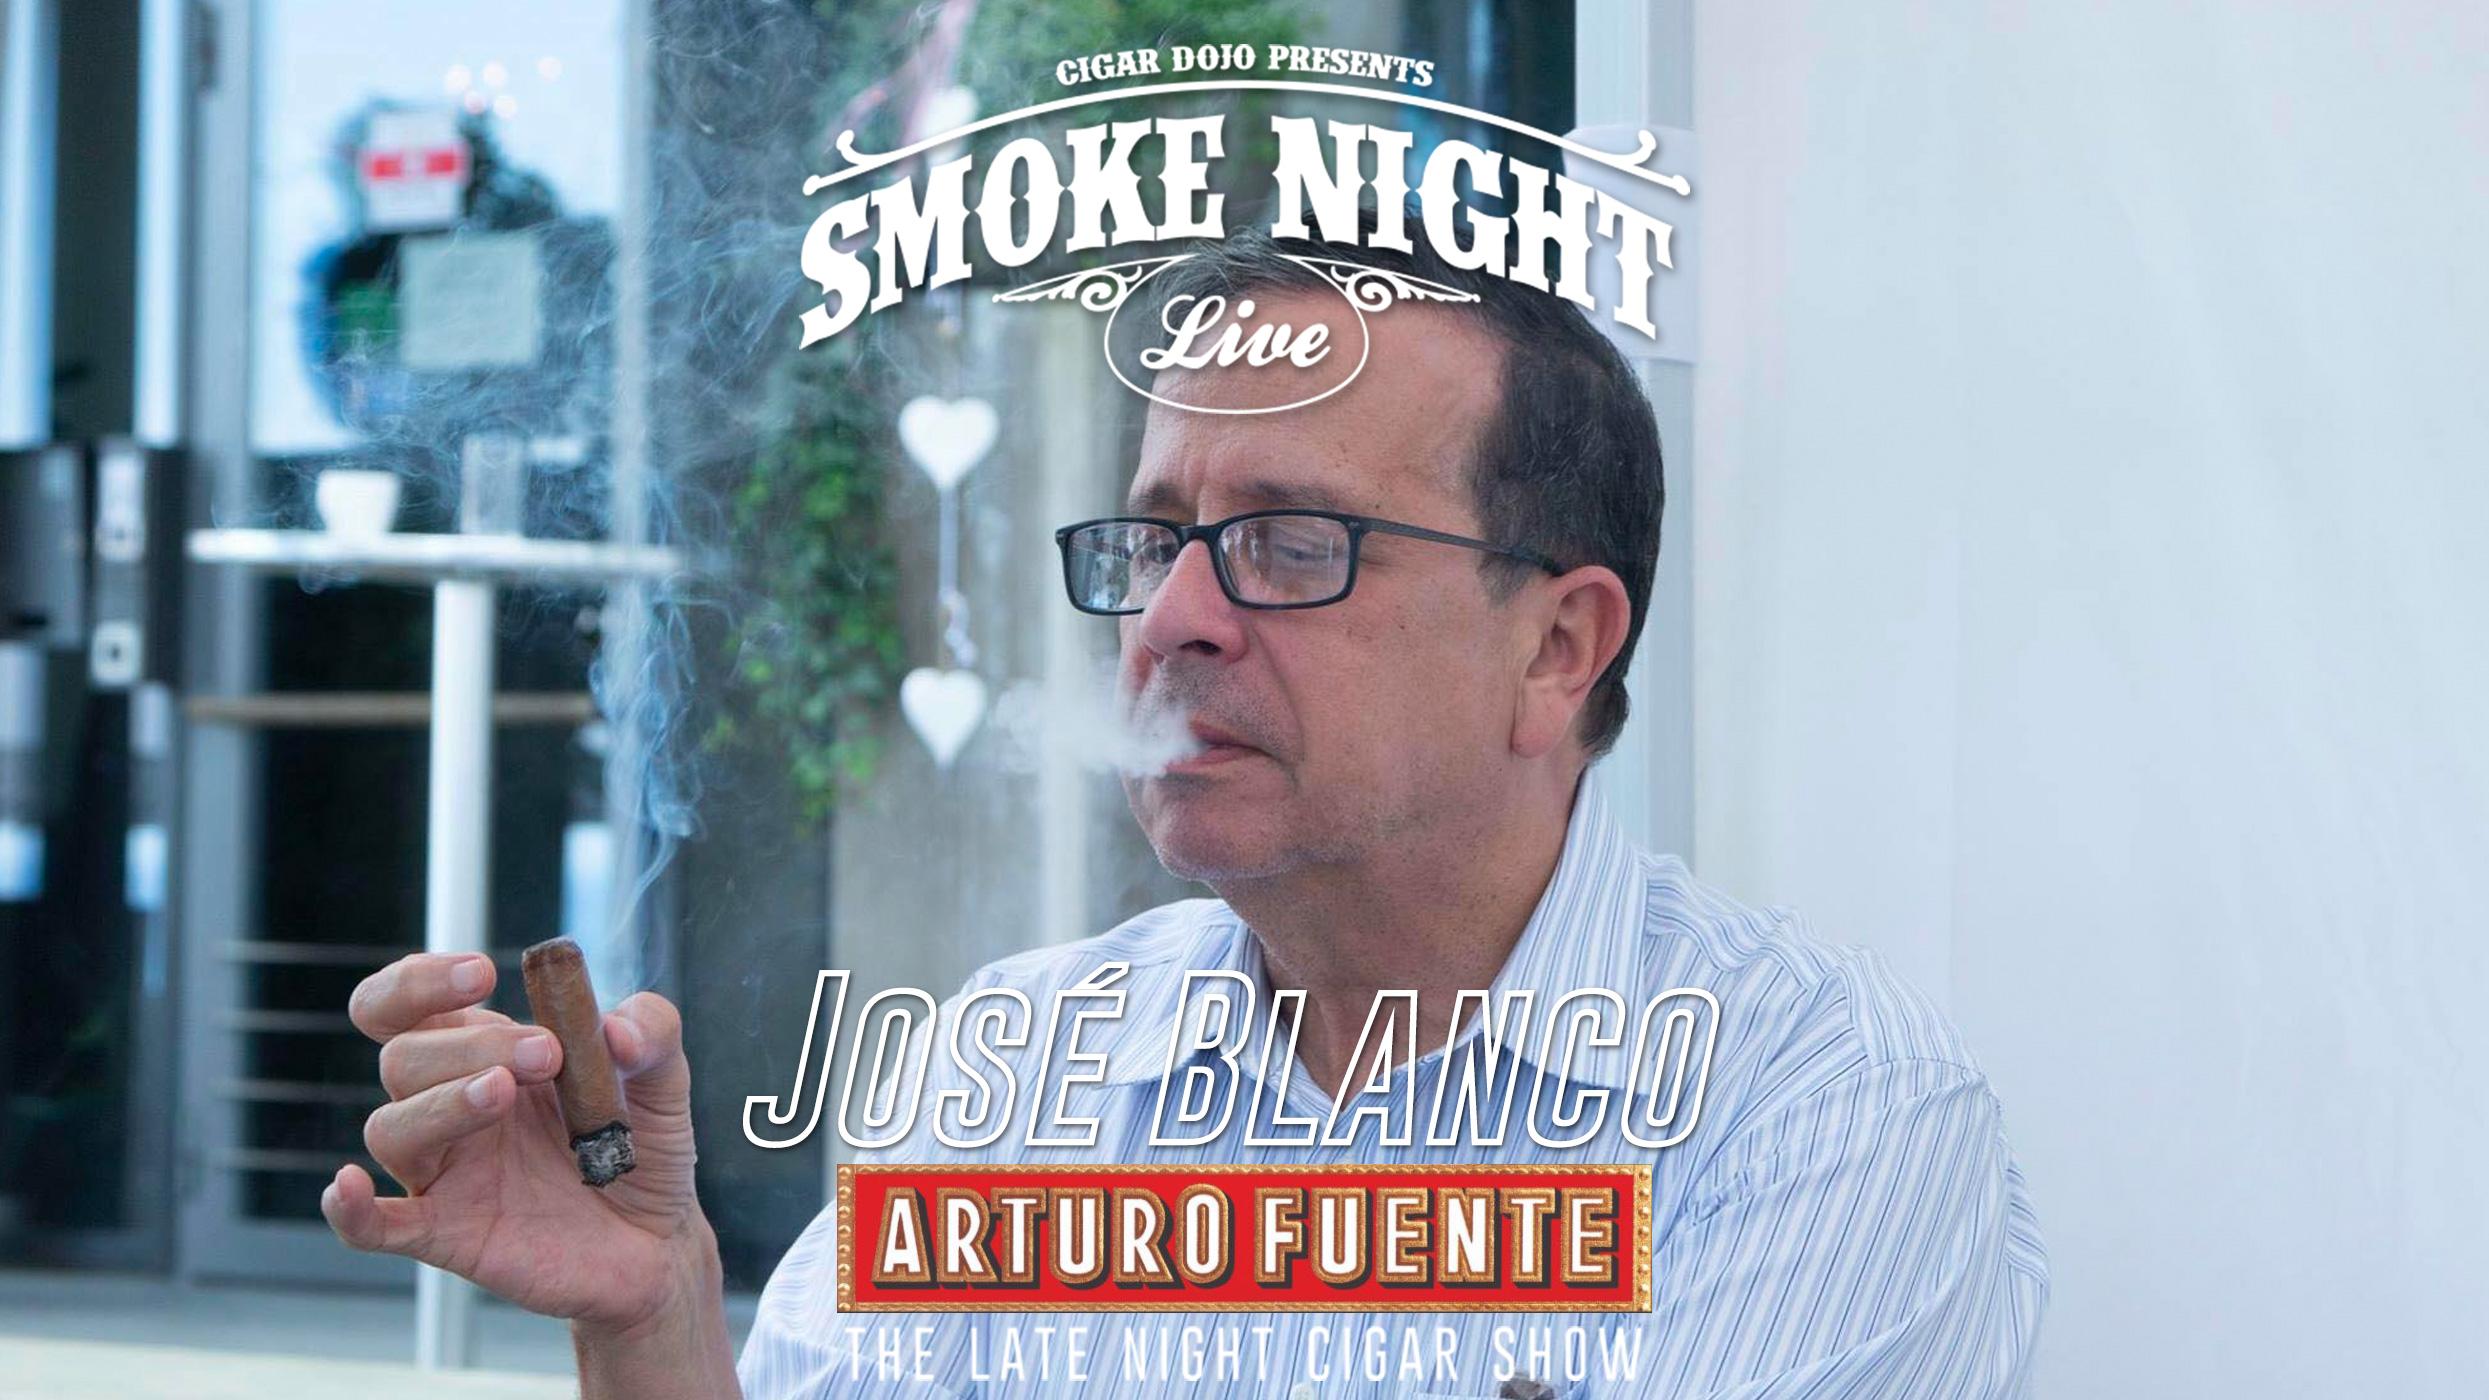 José Blanco Arturo Fuente